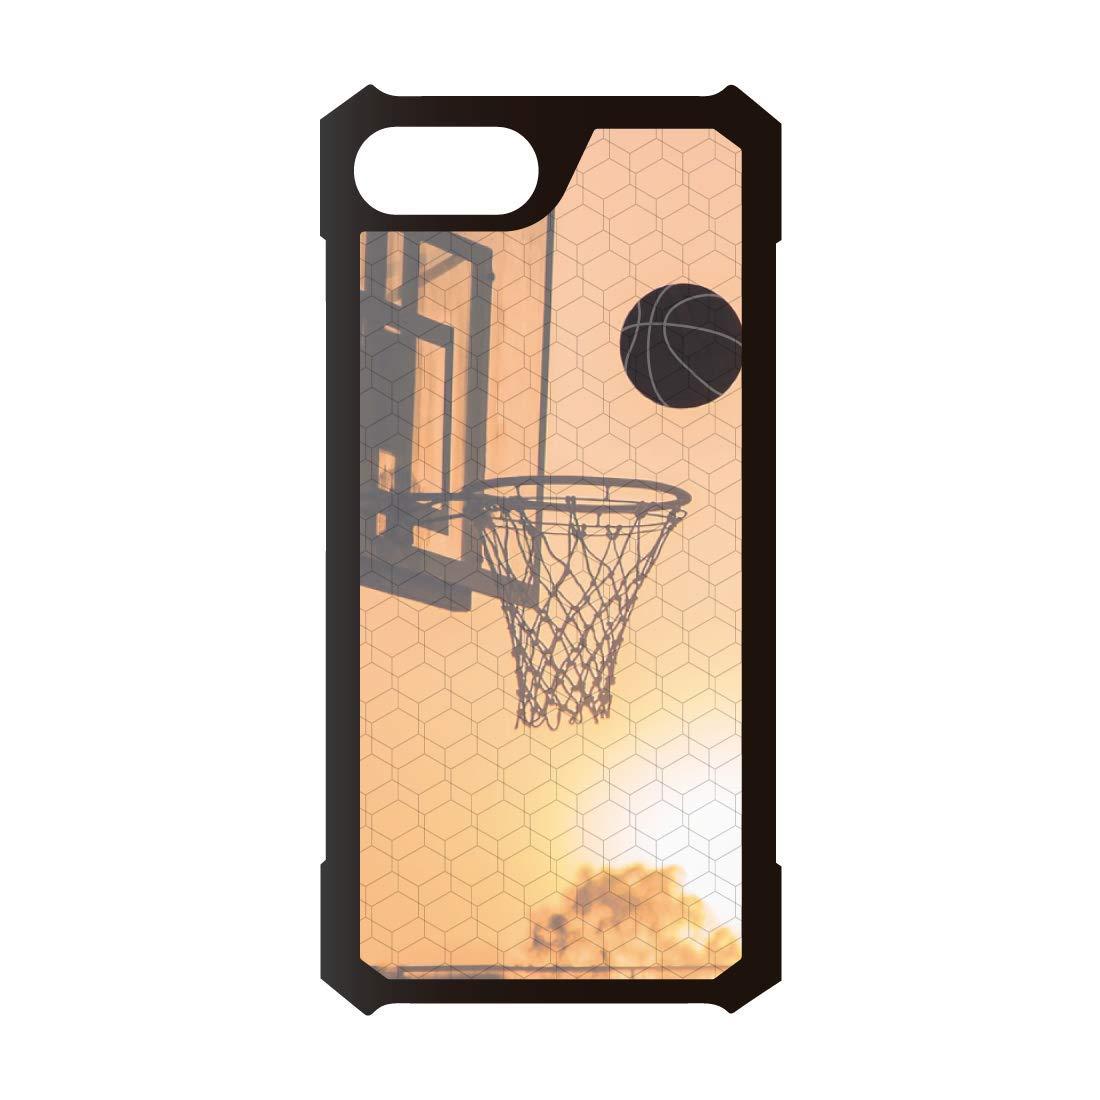 Funda móvil Compatible con iPhone 7/8 Plus Kevlar Baloncesto ...